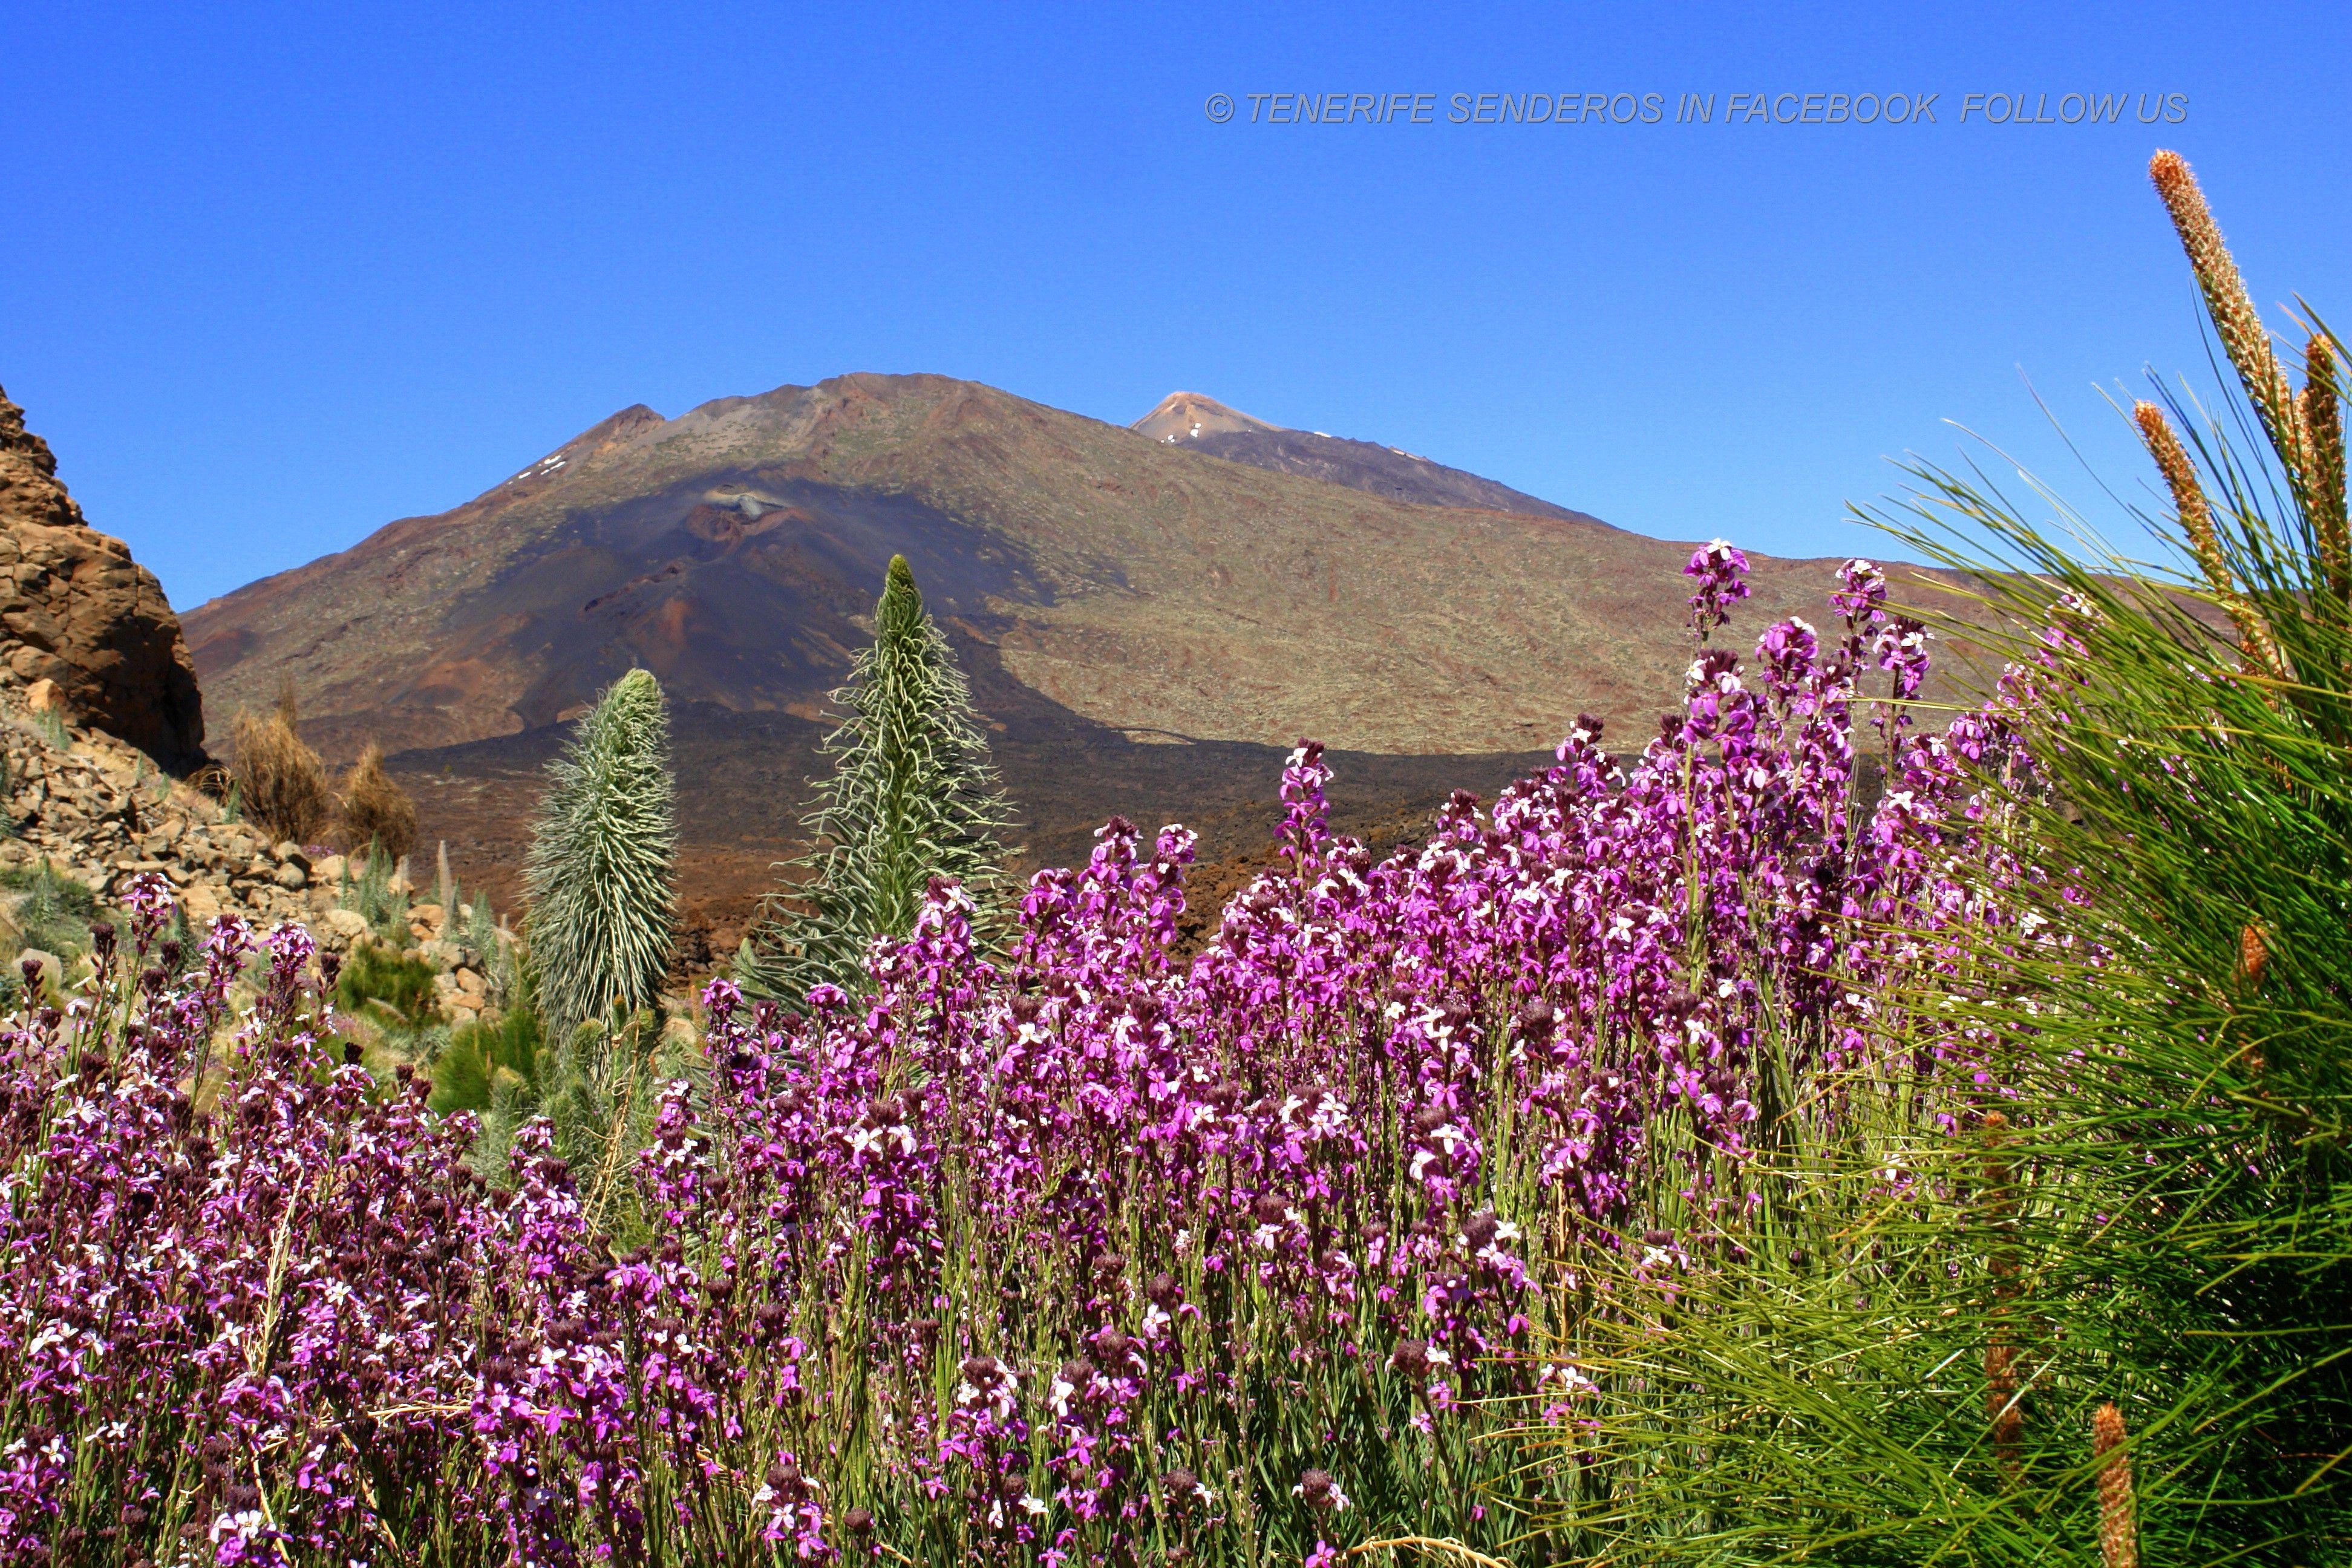 PRIMAVERA EN EL TEIDE | Teide, Tenerife, Paisajes